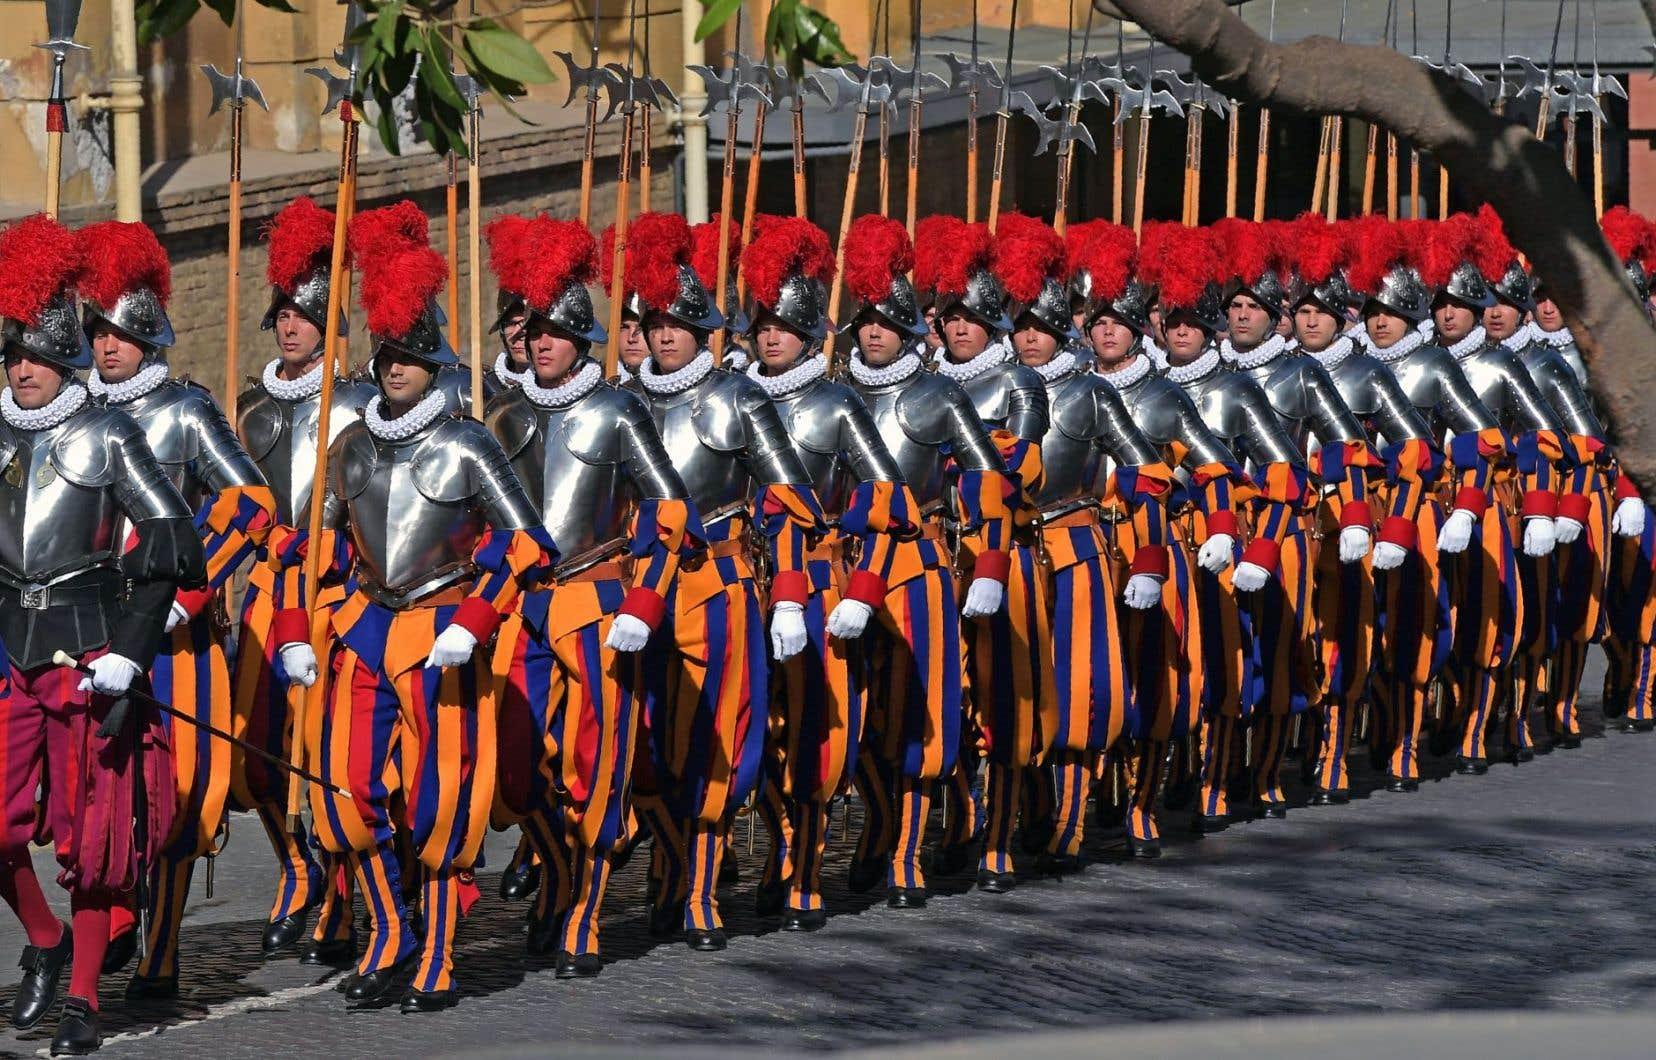 Les soldats, avec leur uniforme coloré et leur casque surmonté de plumes rouges, sont un des symboles de la cité papale.